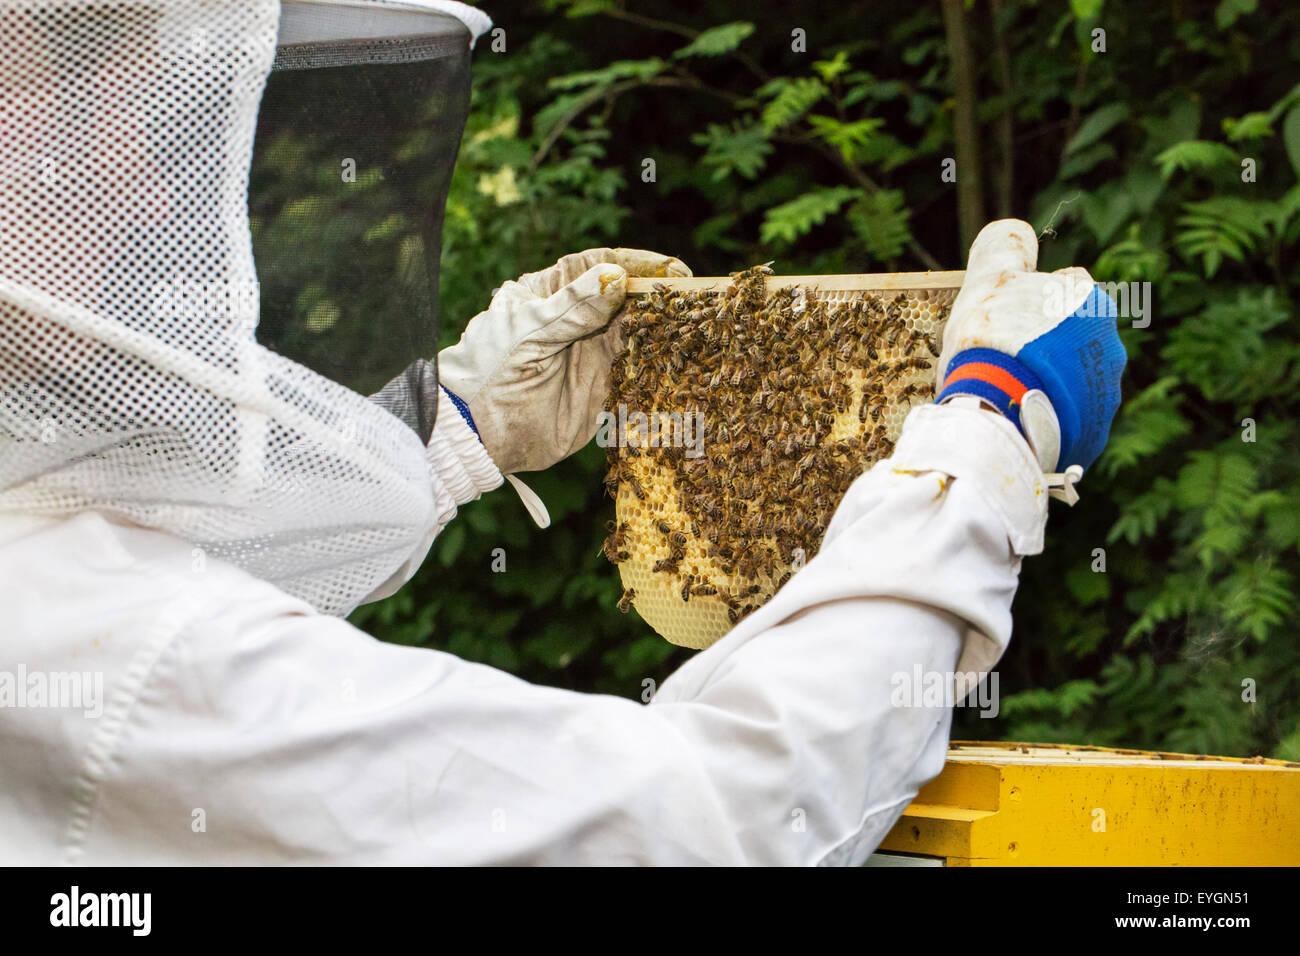 Imker in Schutzkleidung Inspektion Rahmen mit Waben von Honigbienen (Apis Mellifera) Stockbild